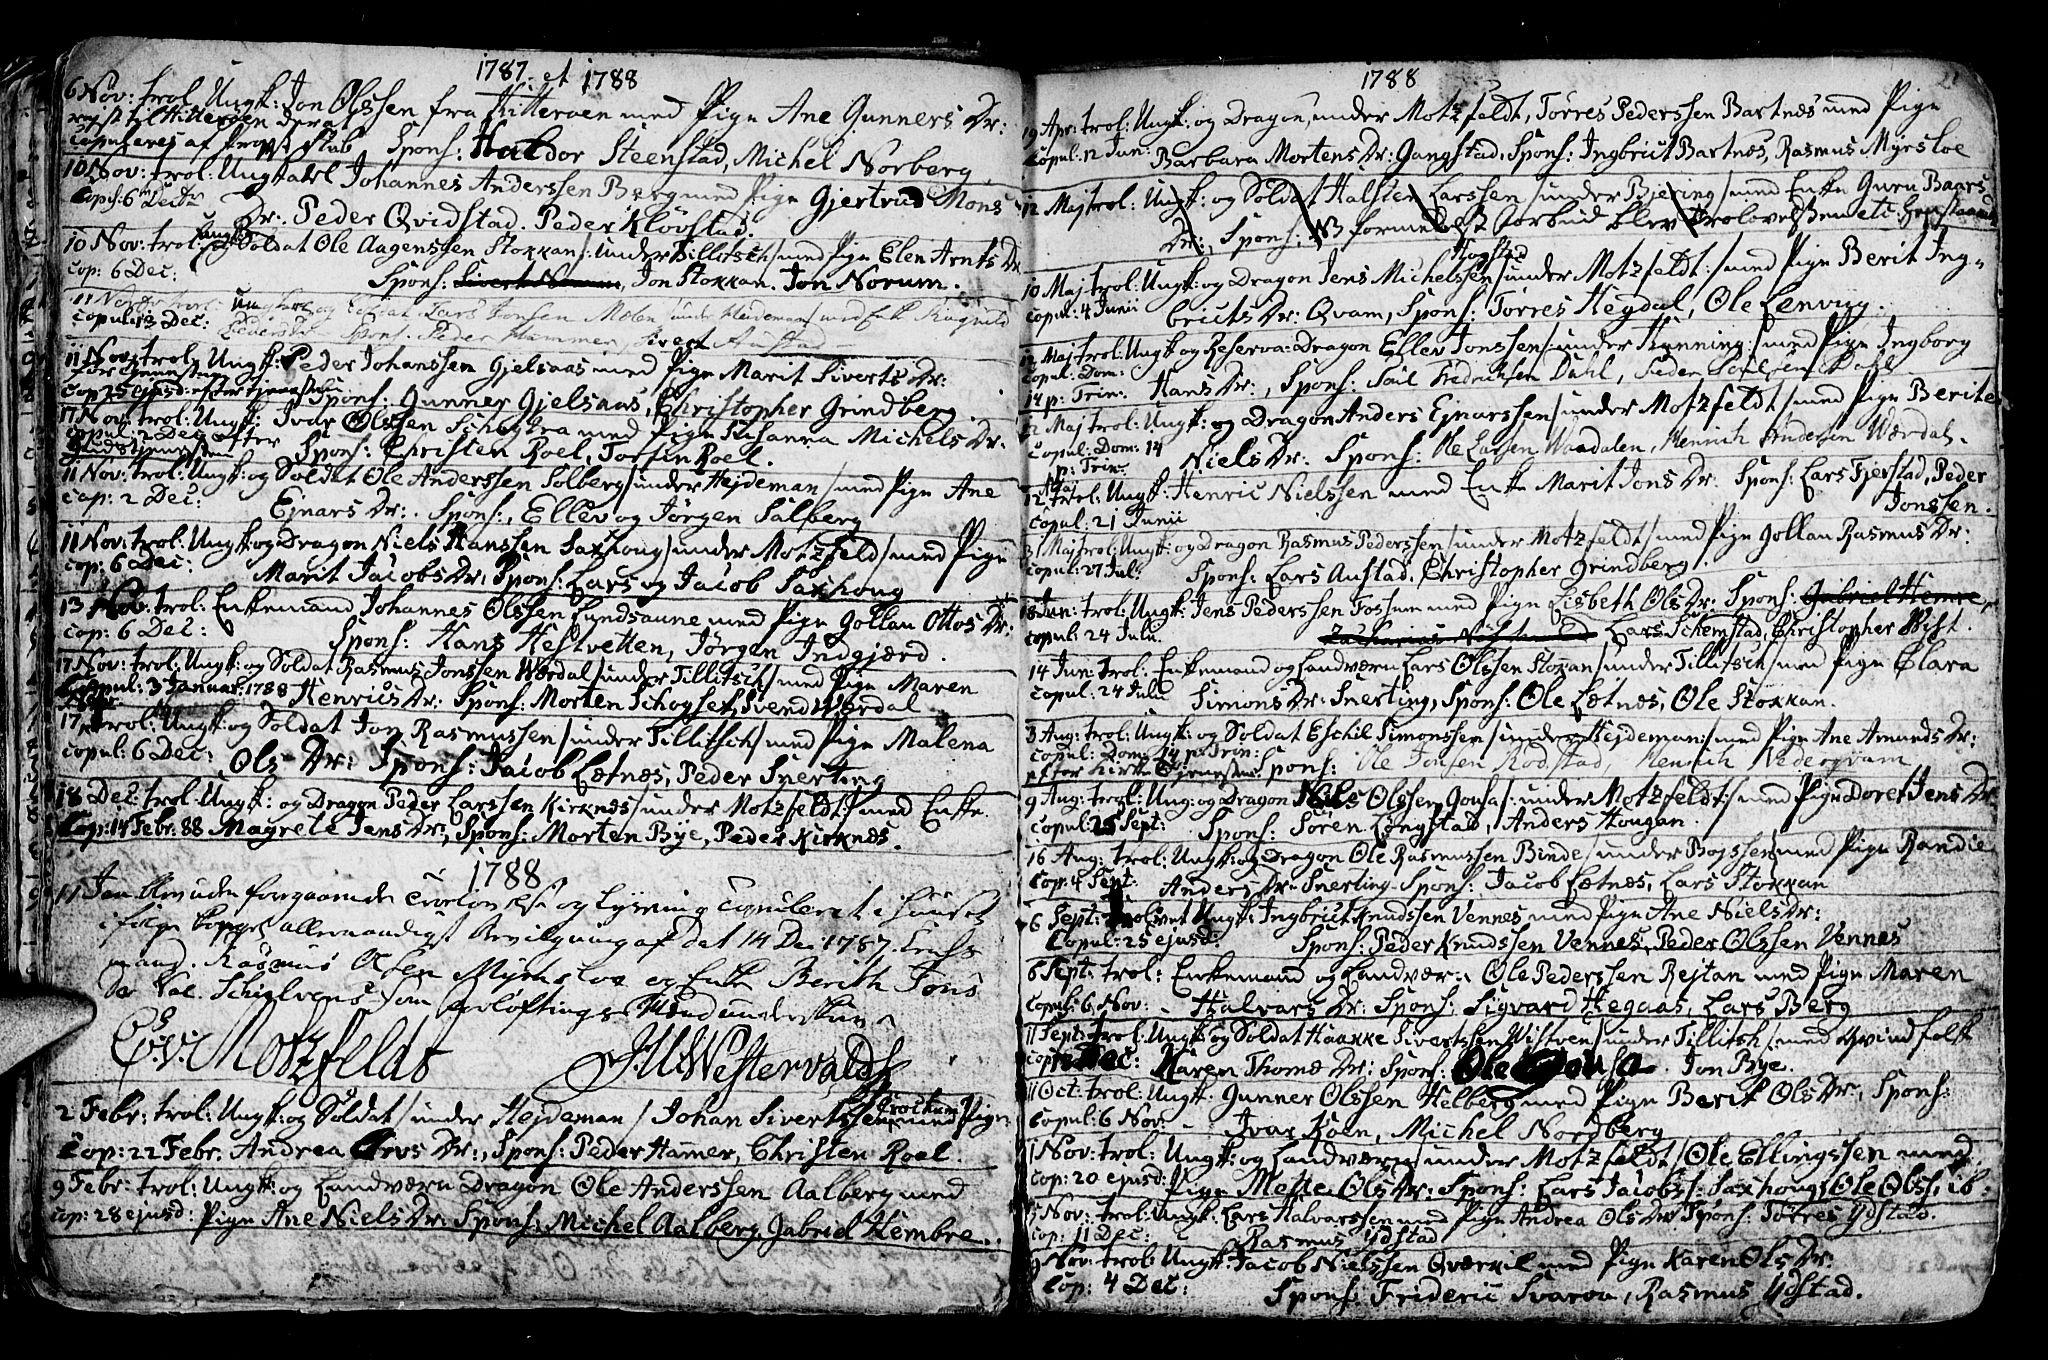 SAT, Ministerialprotokoller, klokkerbøker og fødselsregistre - Nord-Trøndelag, 730/L0273: Ministerialbok nr. 730A02, 1762-1802, s. 21